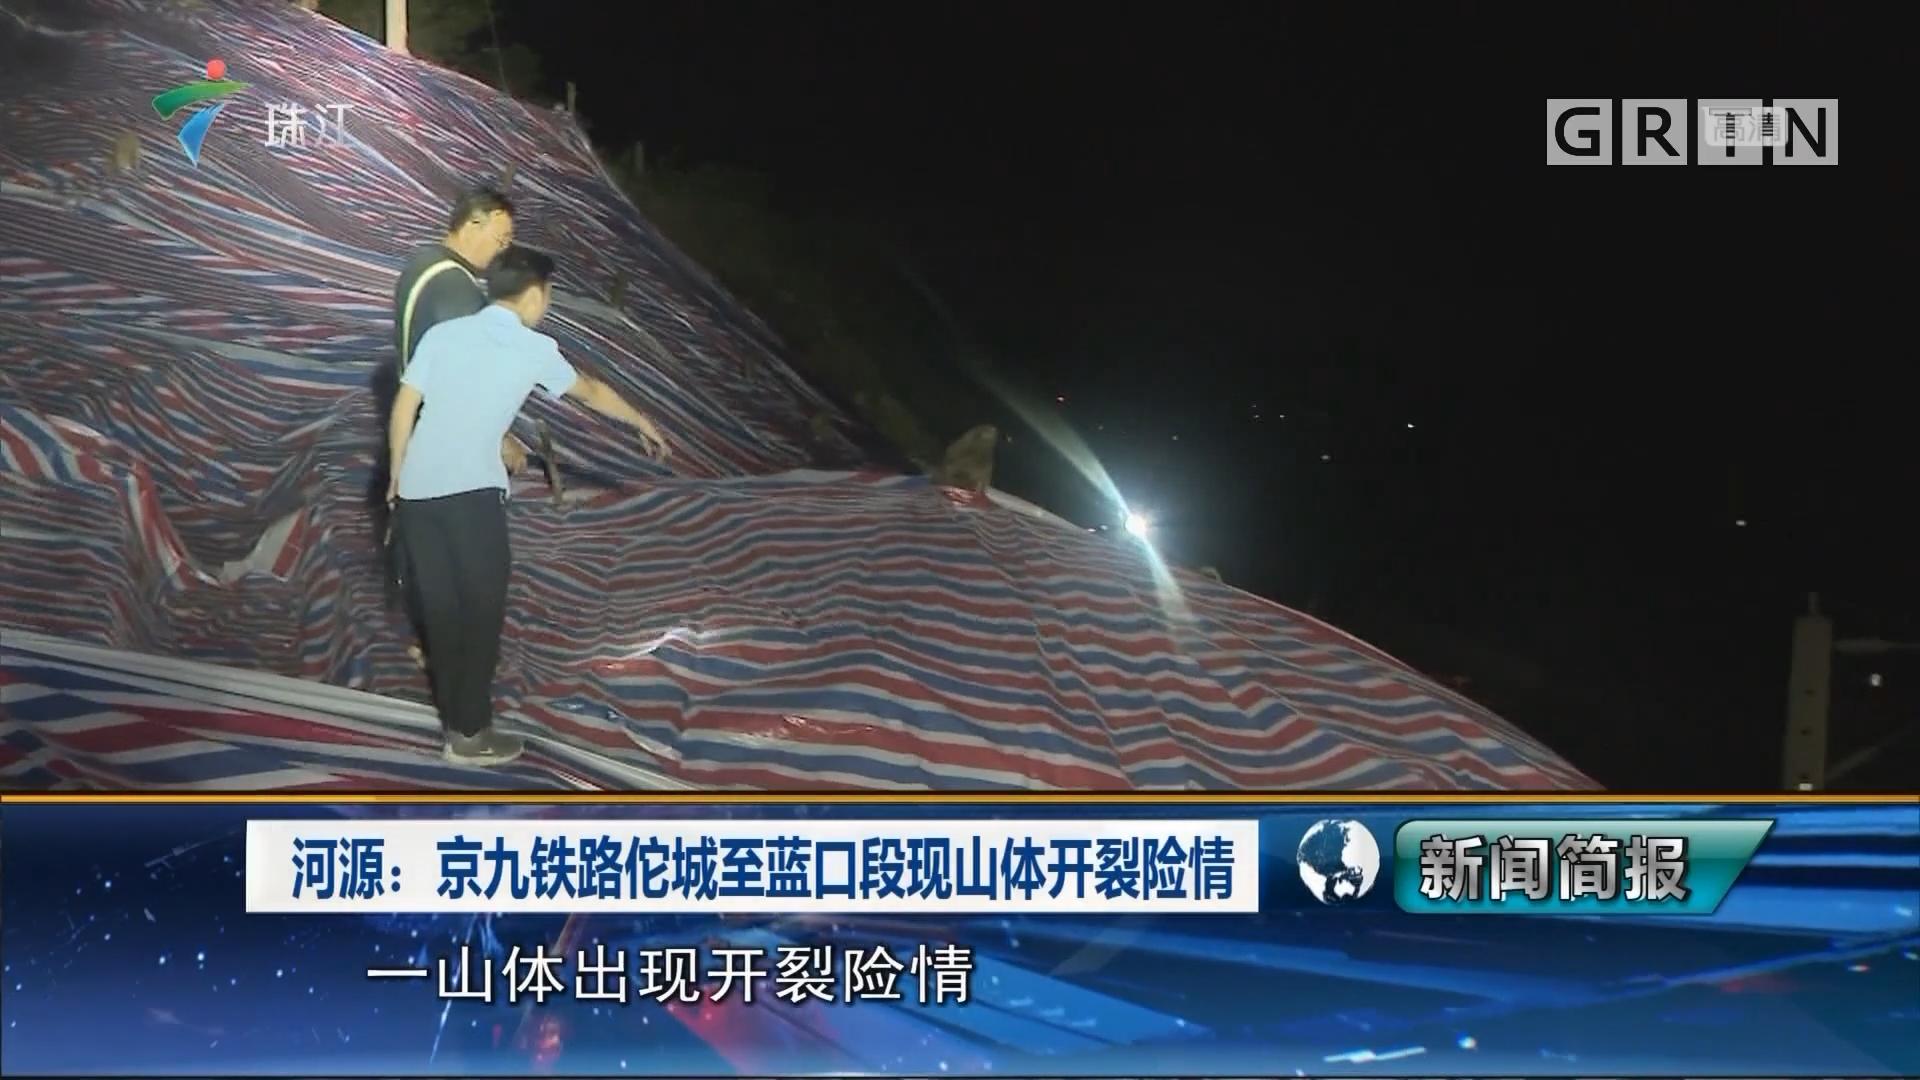 河源:京九铁路佗城至蓝口段现山体开裂险情